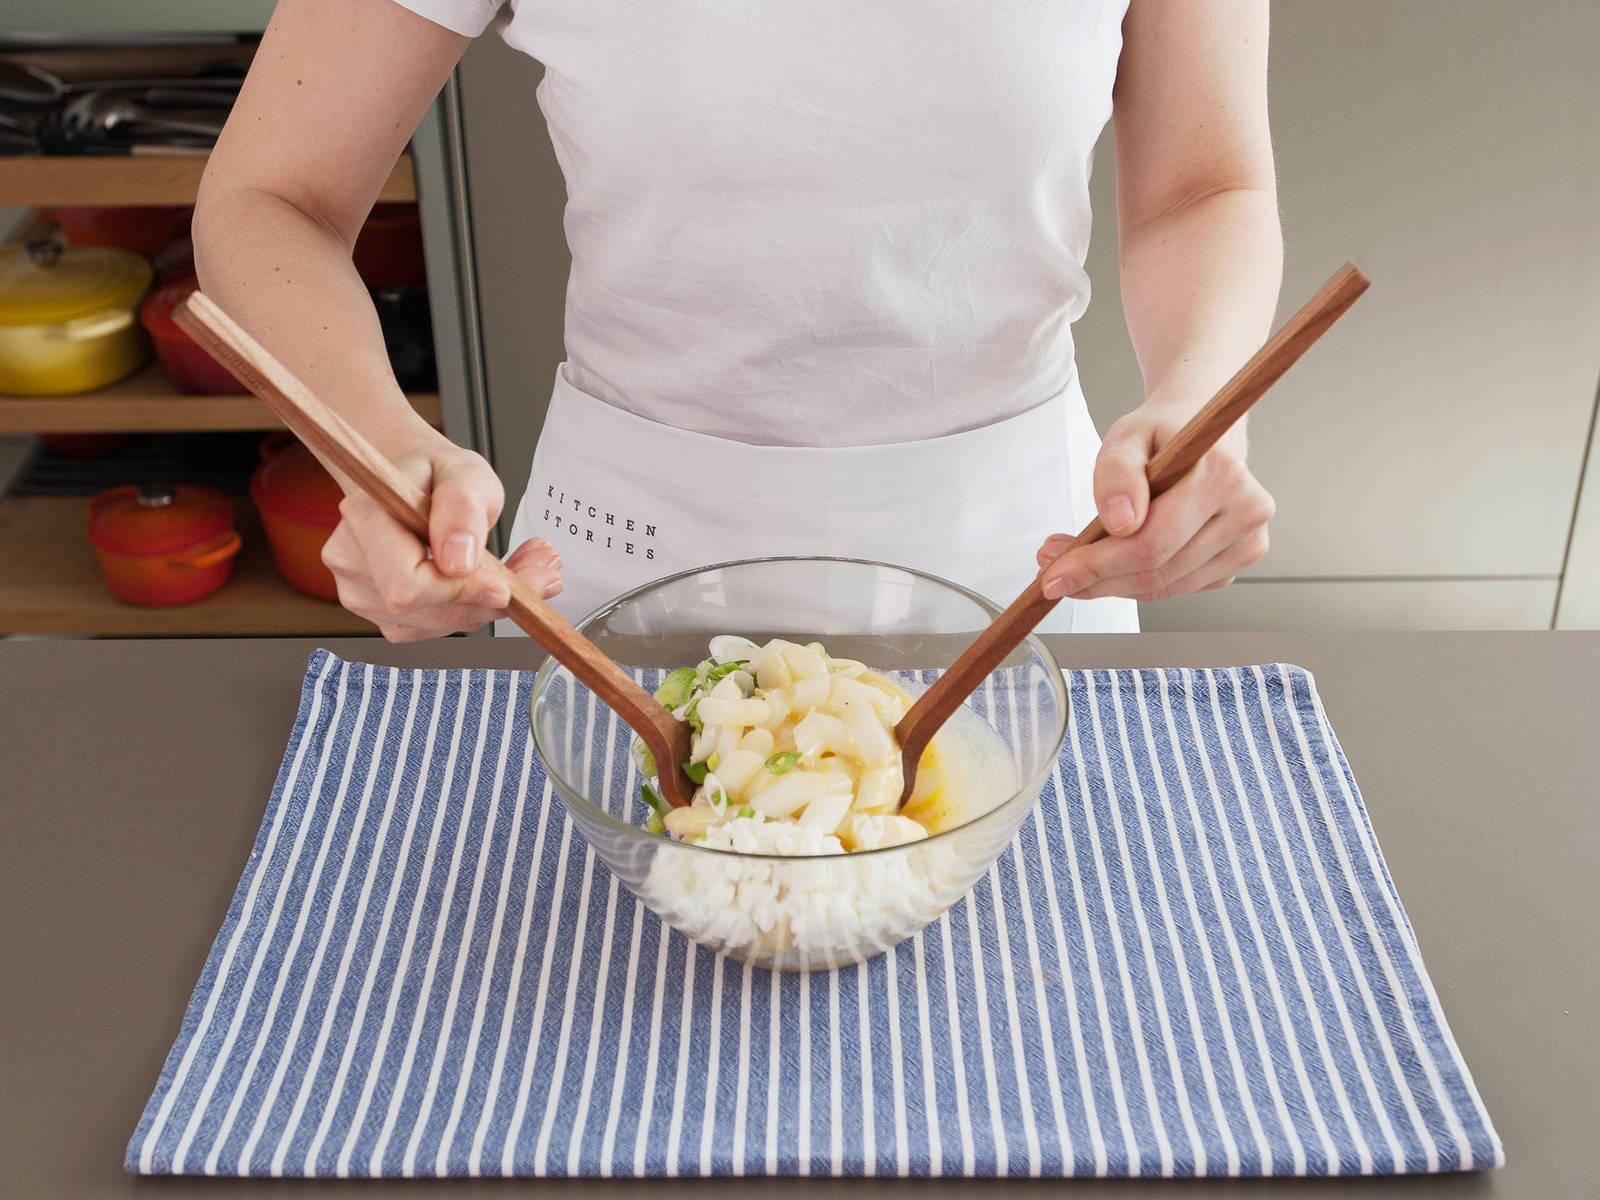 在大碗中将香葱、鸡蛋、白芦笋和调味汁混合均匀,然后尽情享用吧!